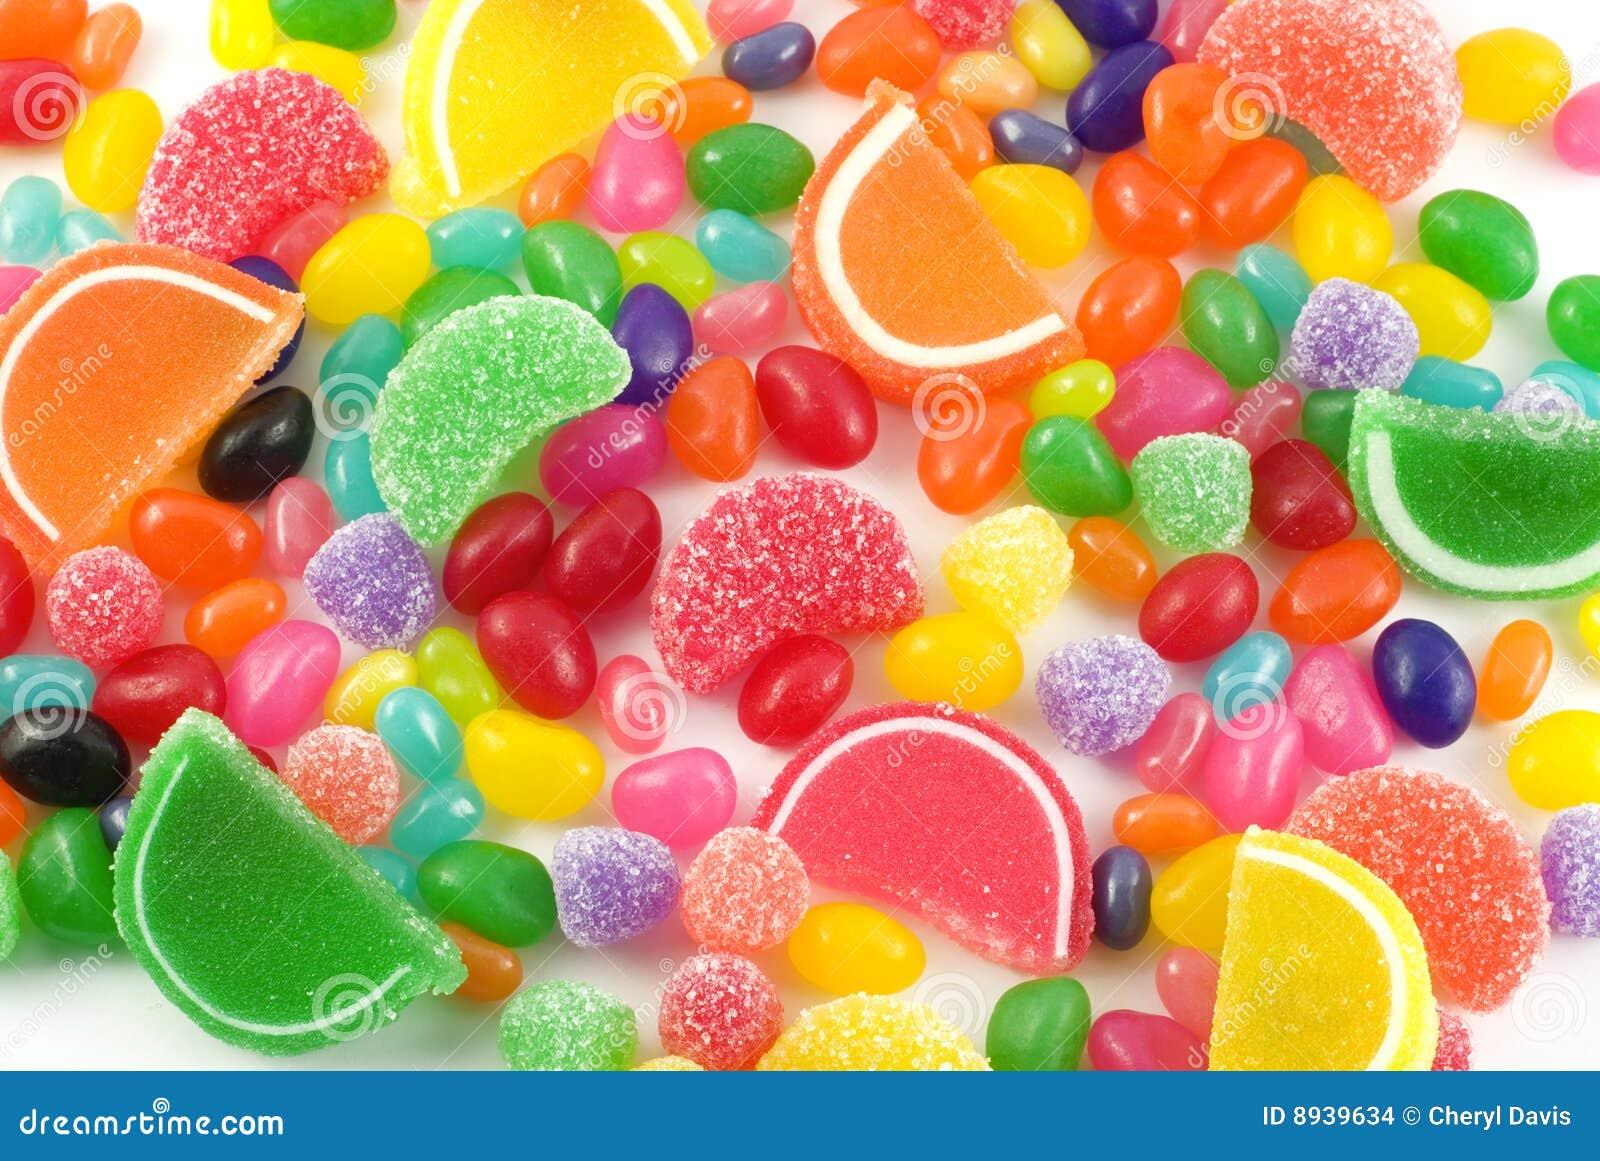 Fond coloré de sucrerie